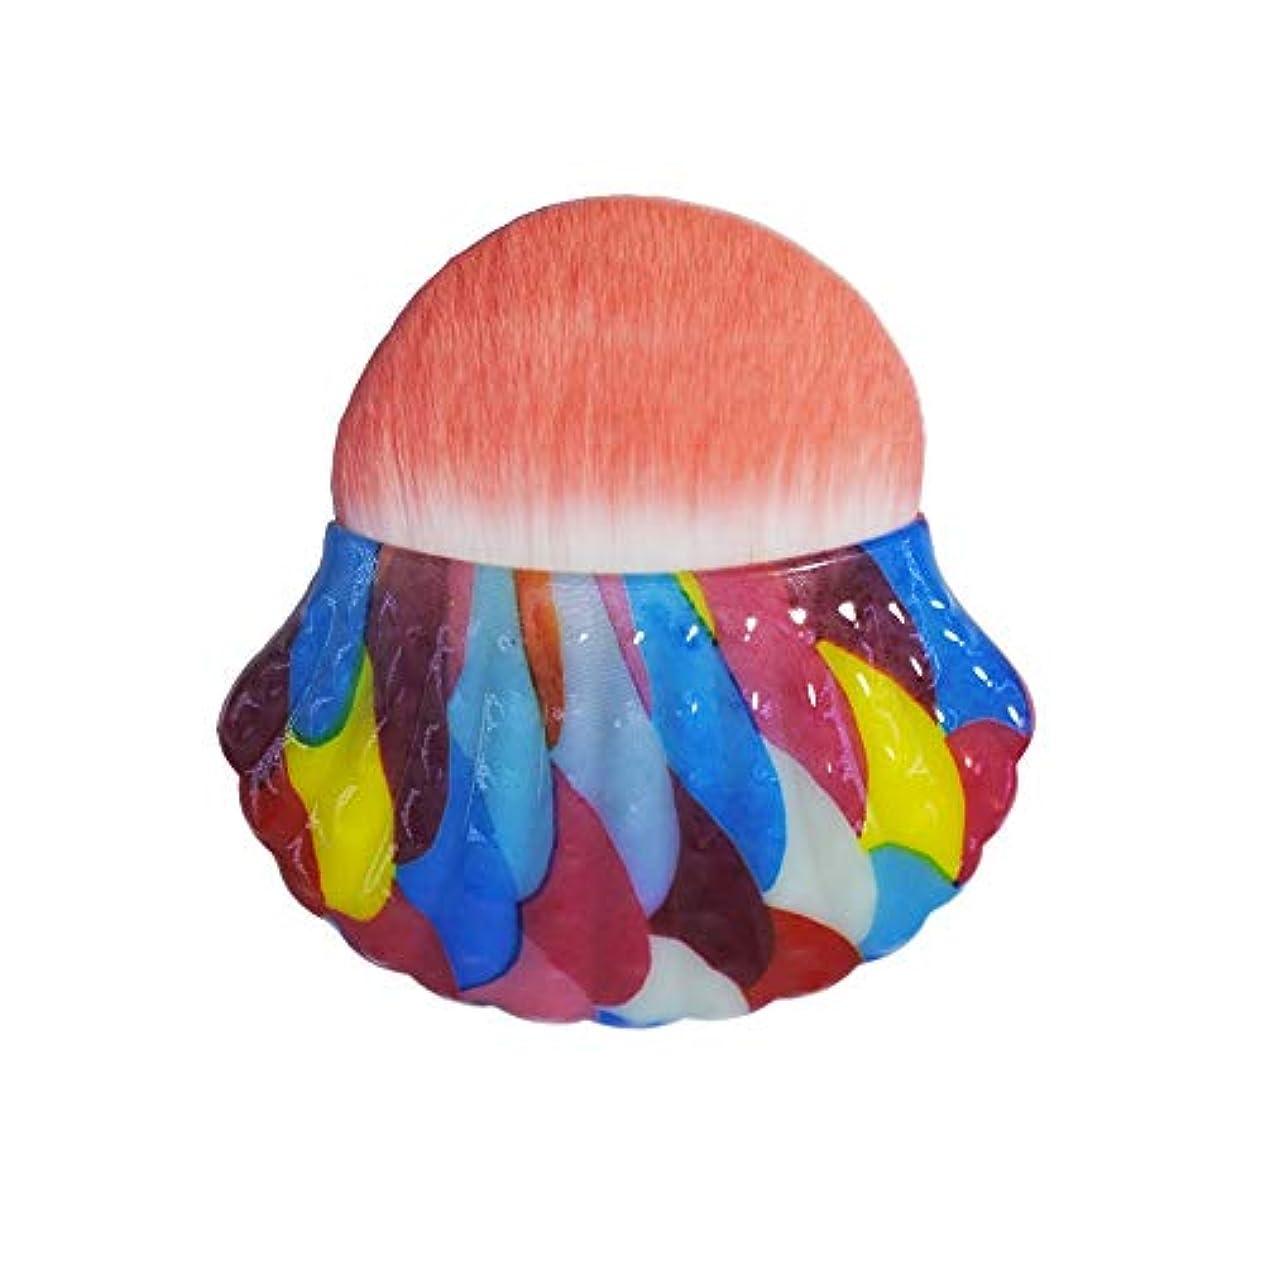 増幅するミル論争の的Makeup brushes 色、独占シェルタイプブラッシュブラシ美容メイクブラシツールポータブル多機能メイクブラシ suits (Color : Rainbow)